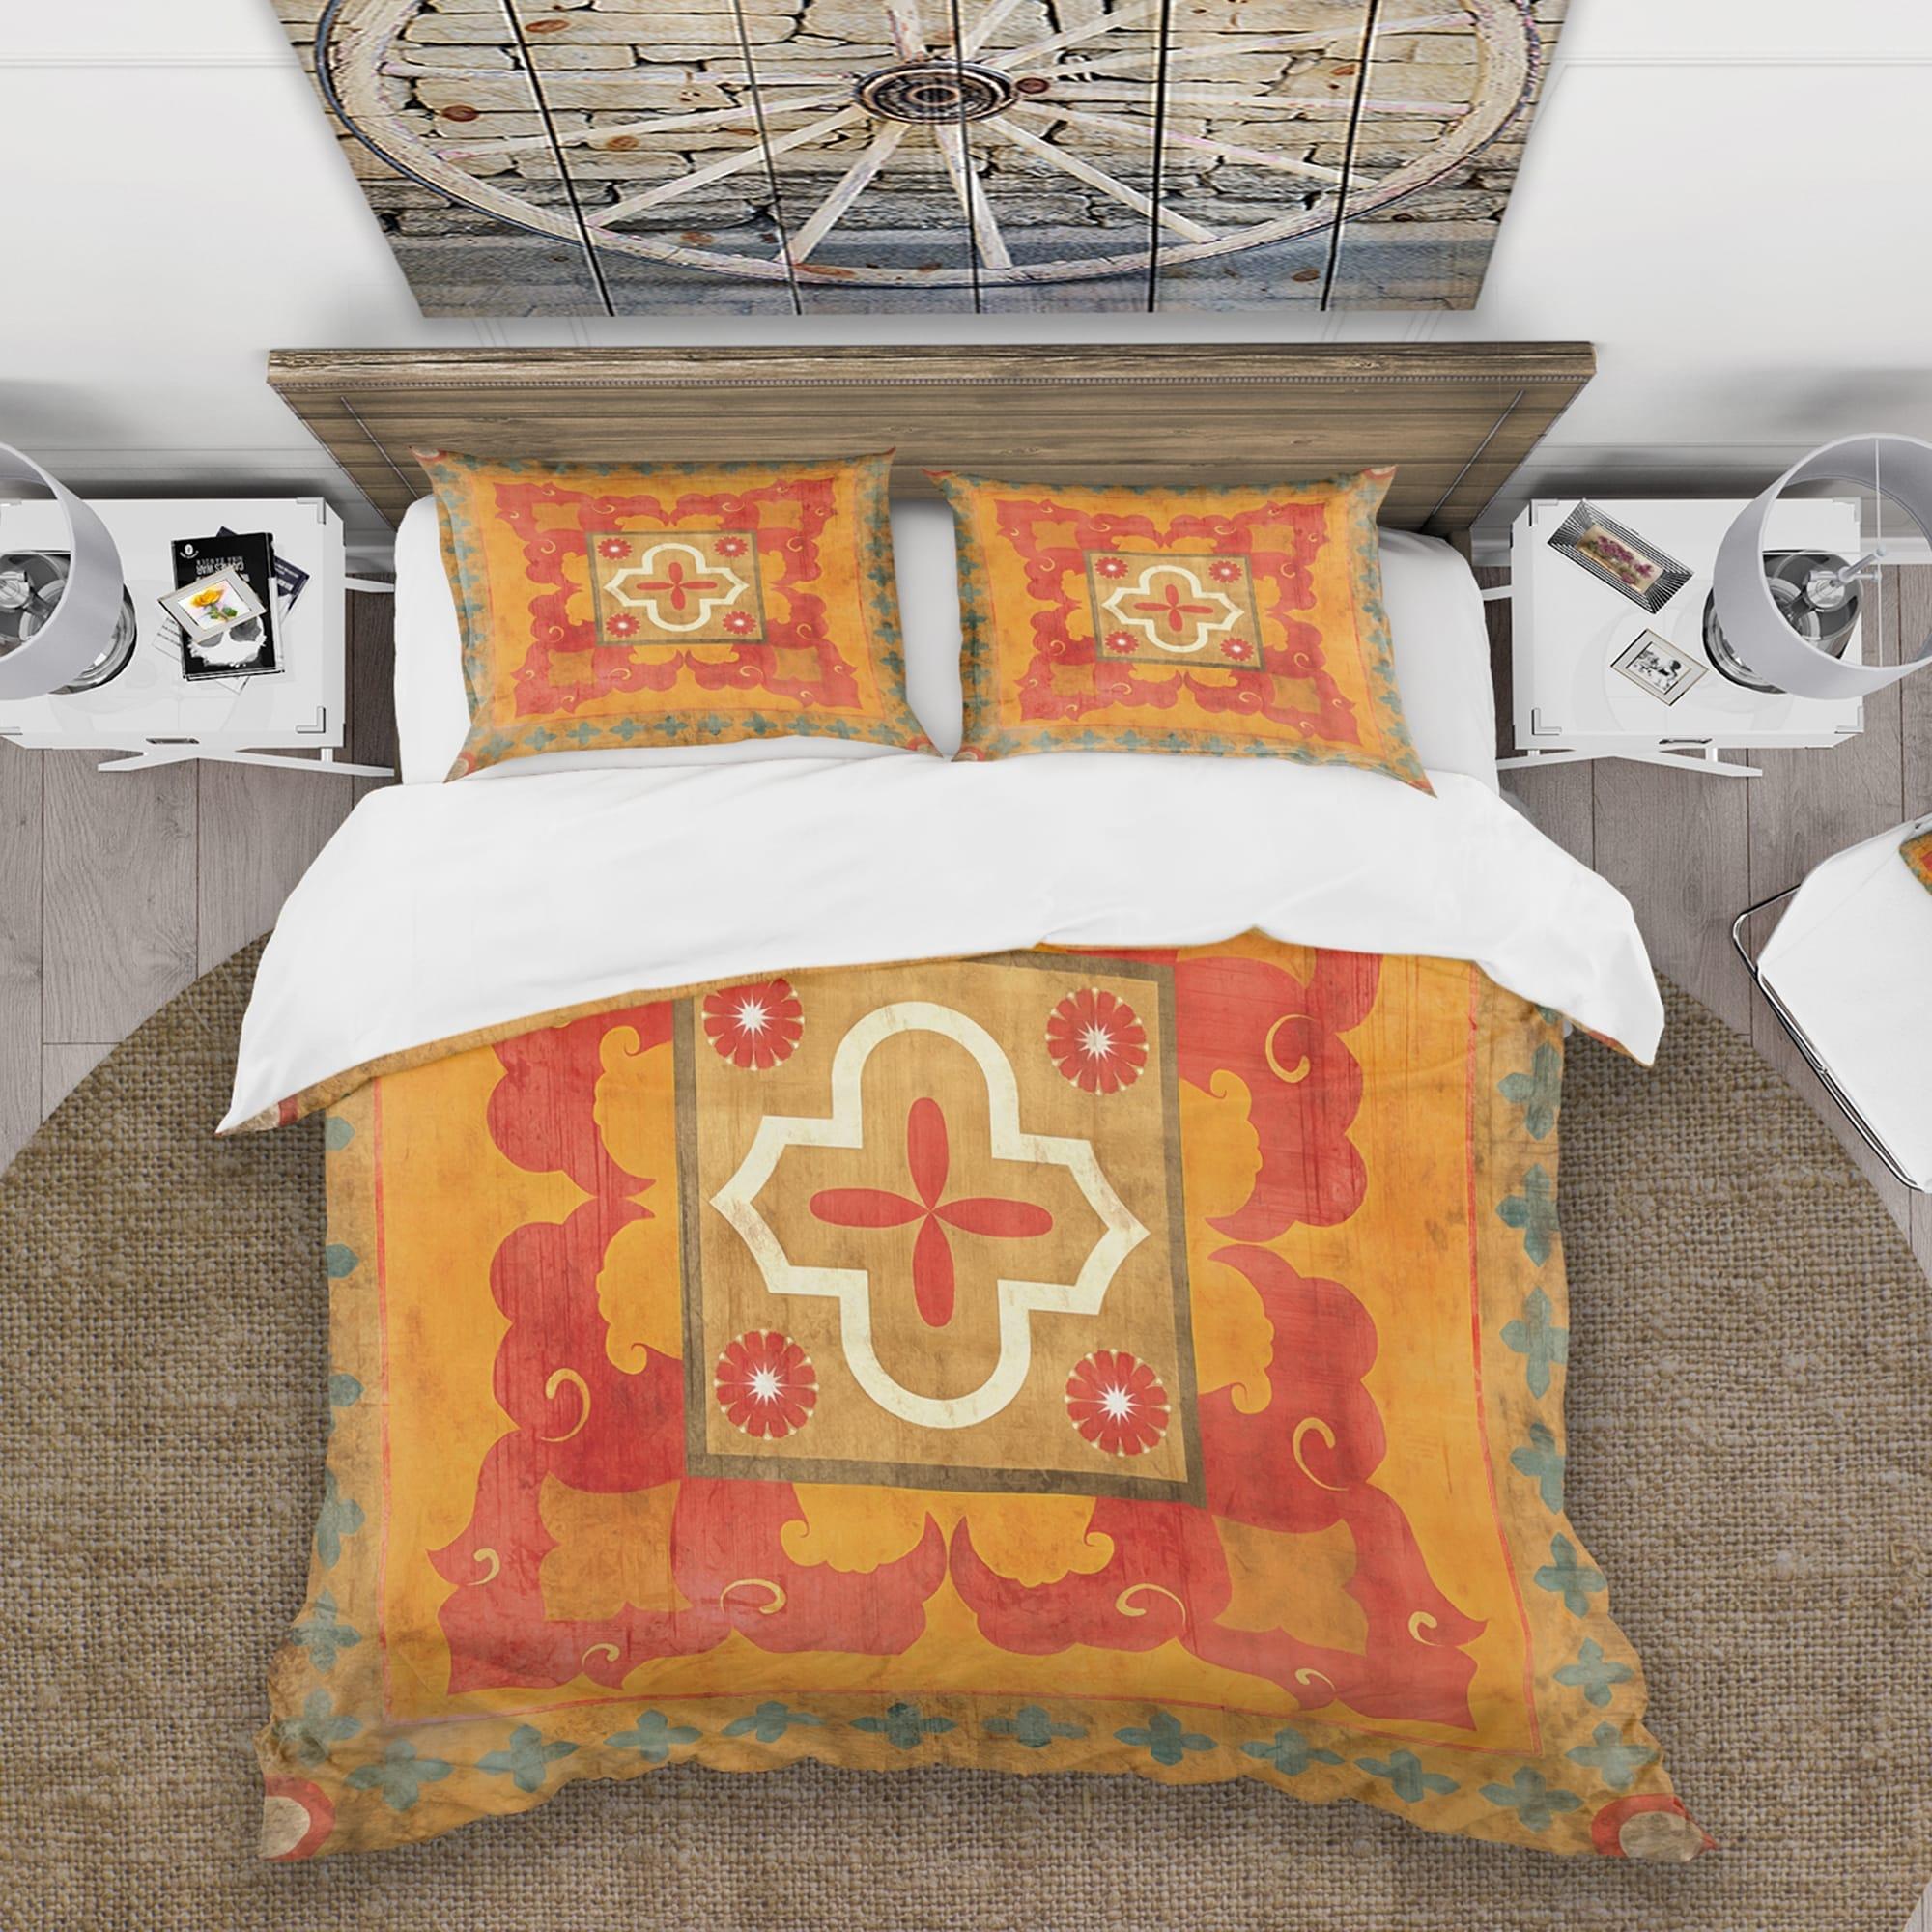 Designart Moroccan Orange Tiles Collage Ii Cottage Bedding Set Duvet Cover Shams On Sale Overstock 25971488